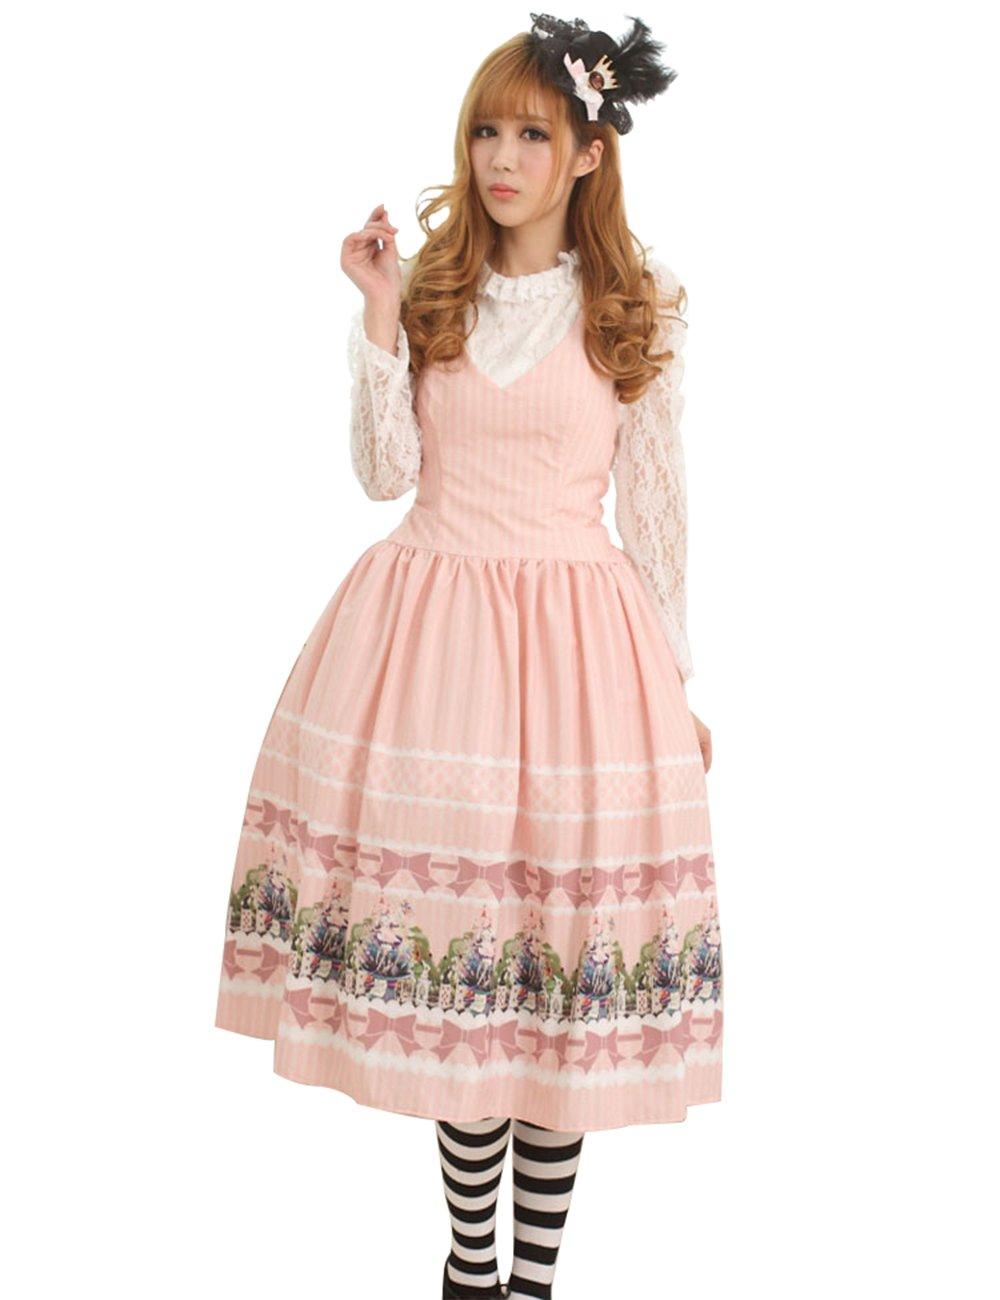 公主物语 洛丽塔 公主风 学院风 甜美公主裙粉红爱丽丝仙境原创设计收